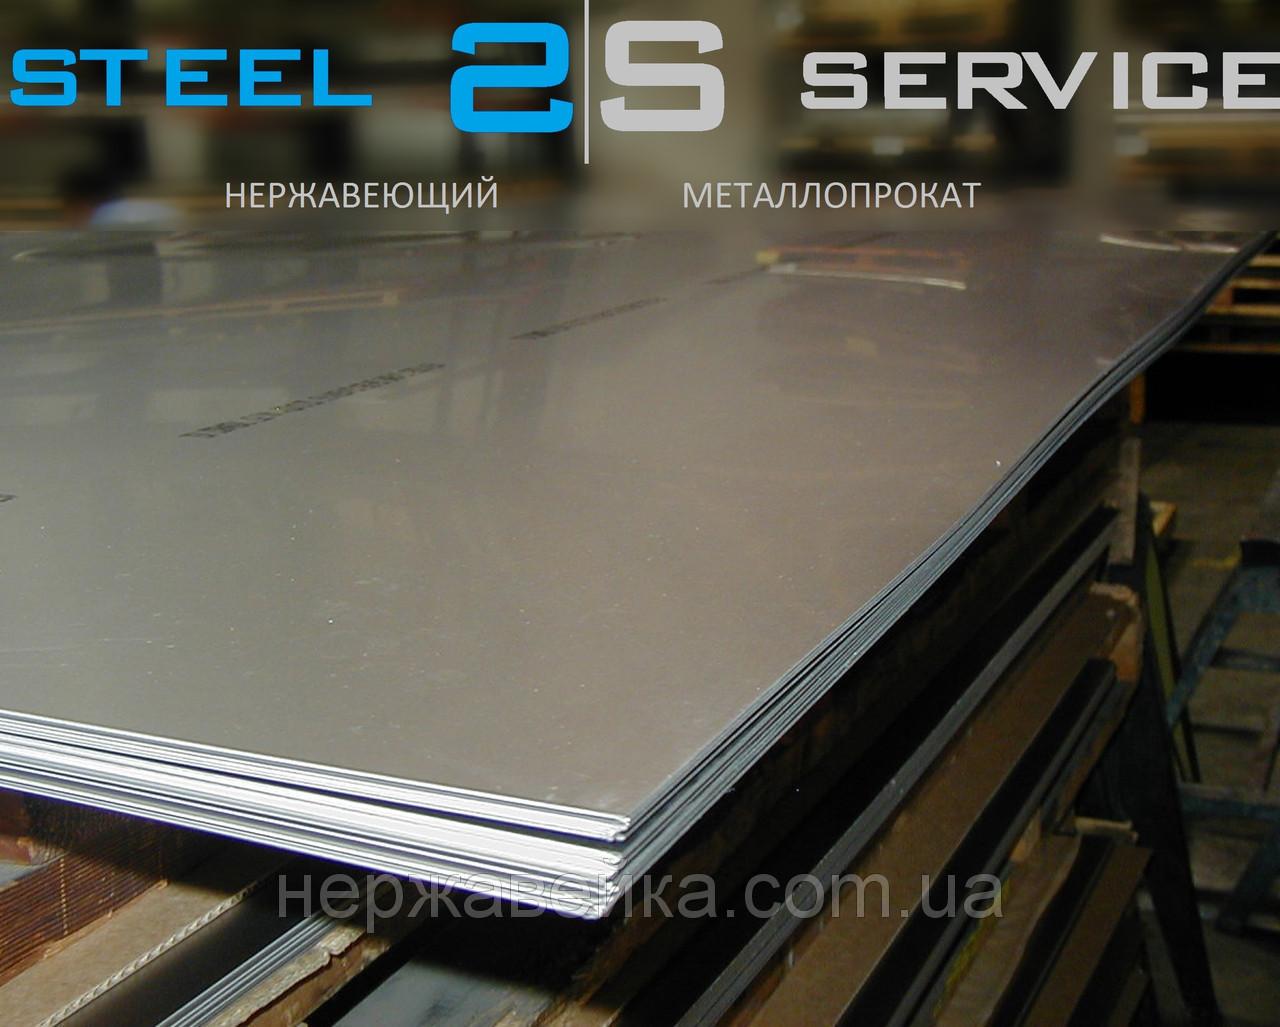 Нержавеющий лист 1,5х1250х2500мм  AISI 304(08Х18Н10) 2B - матовый,  пищевой